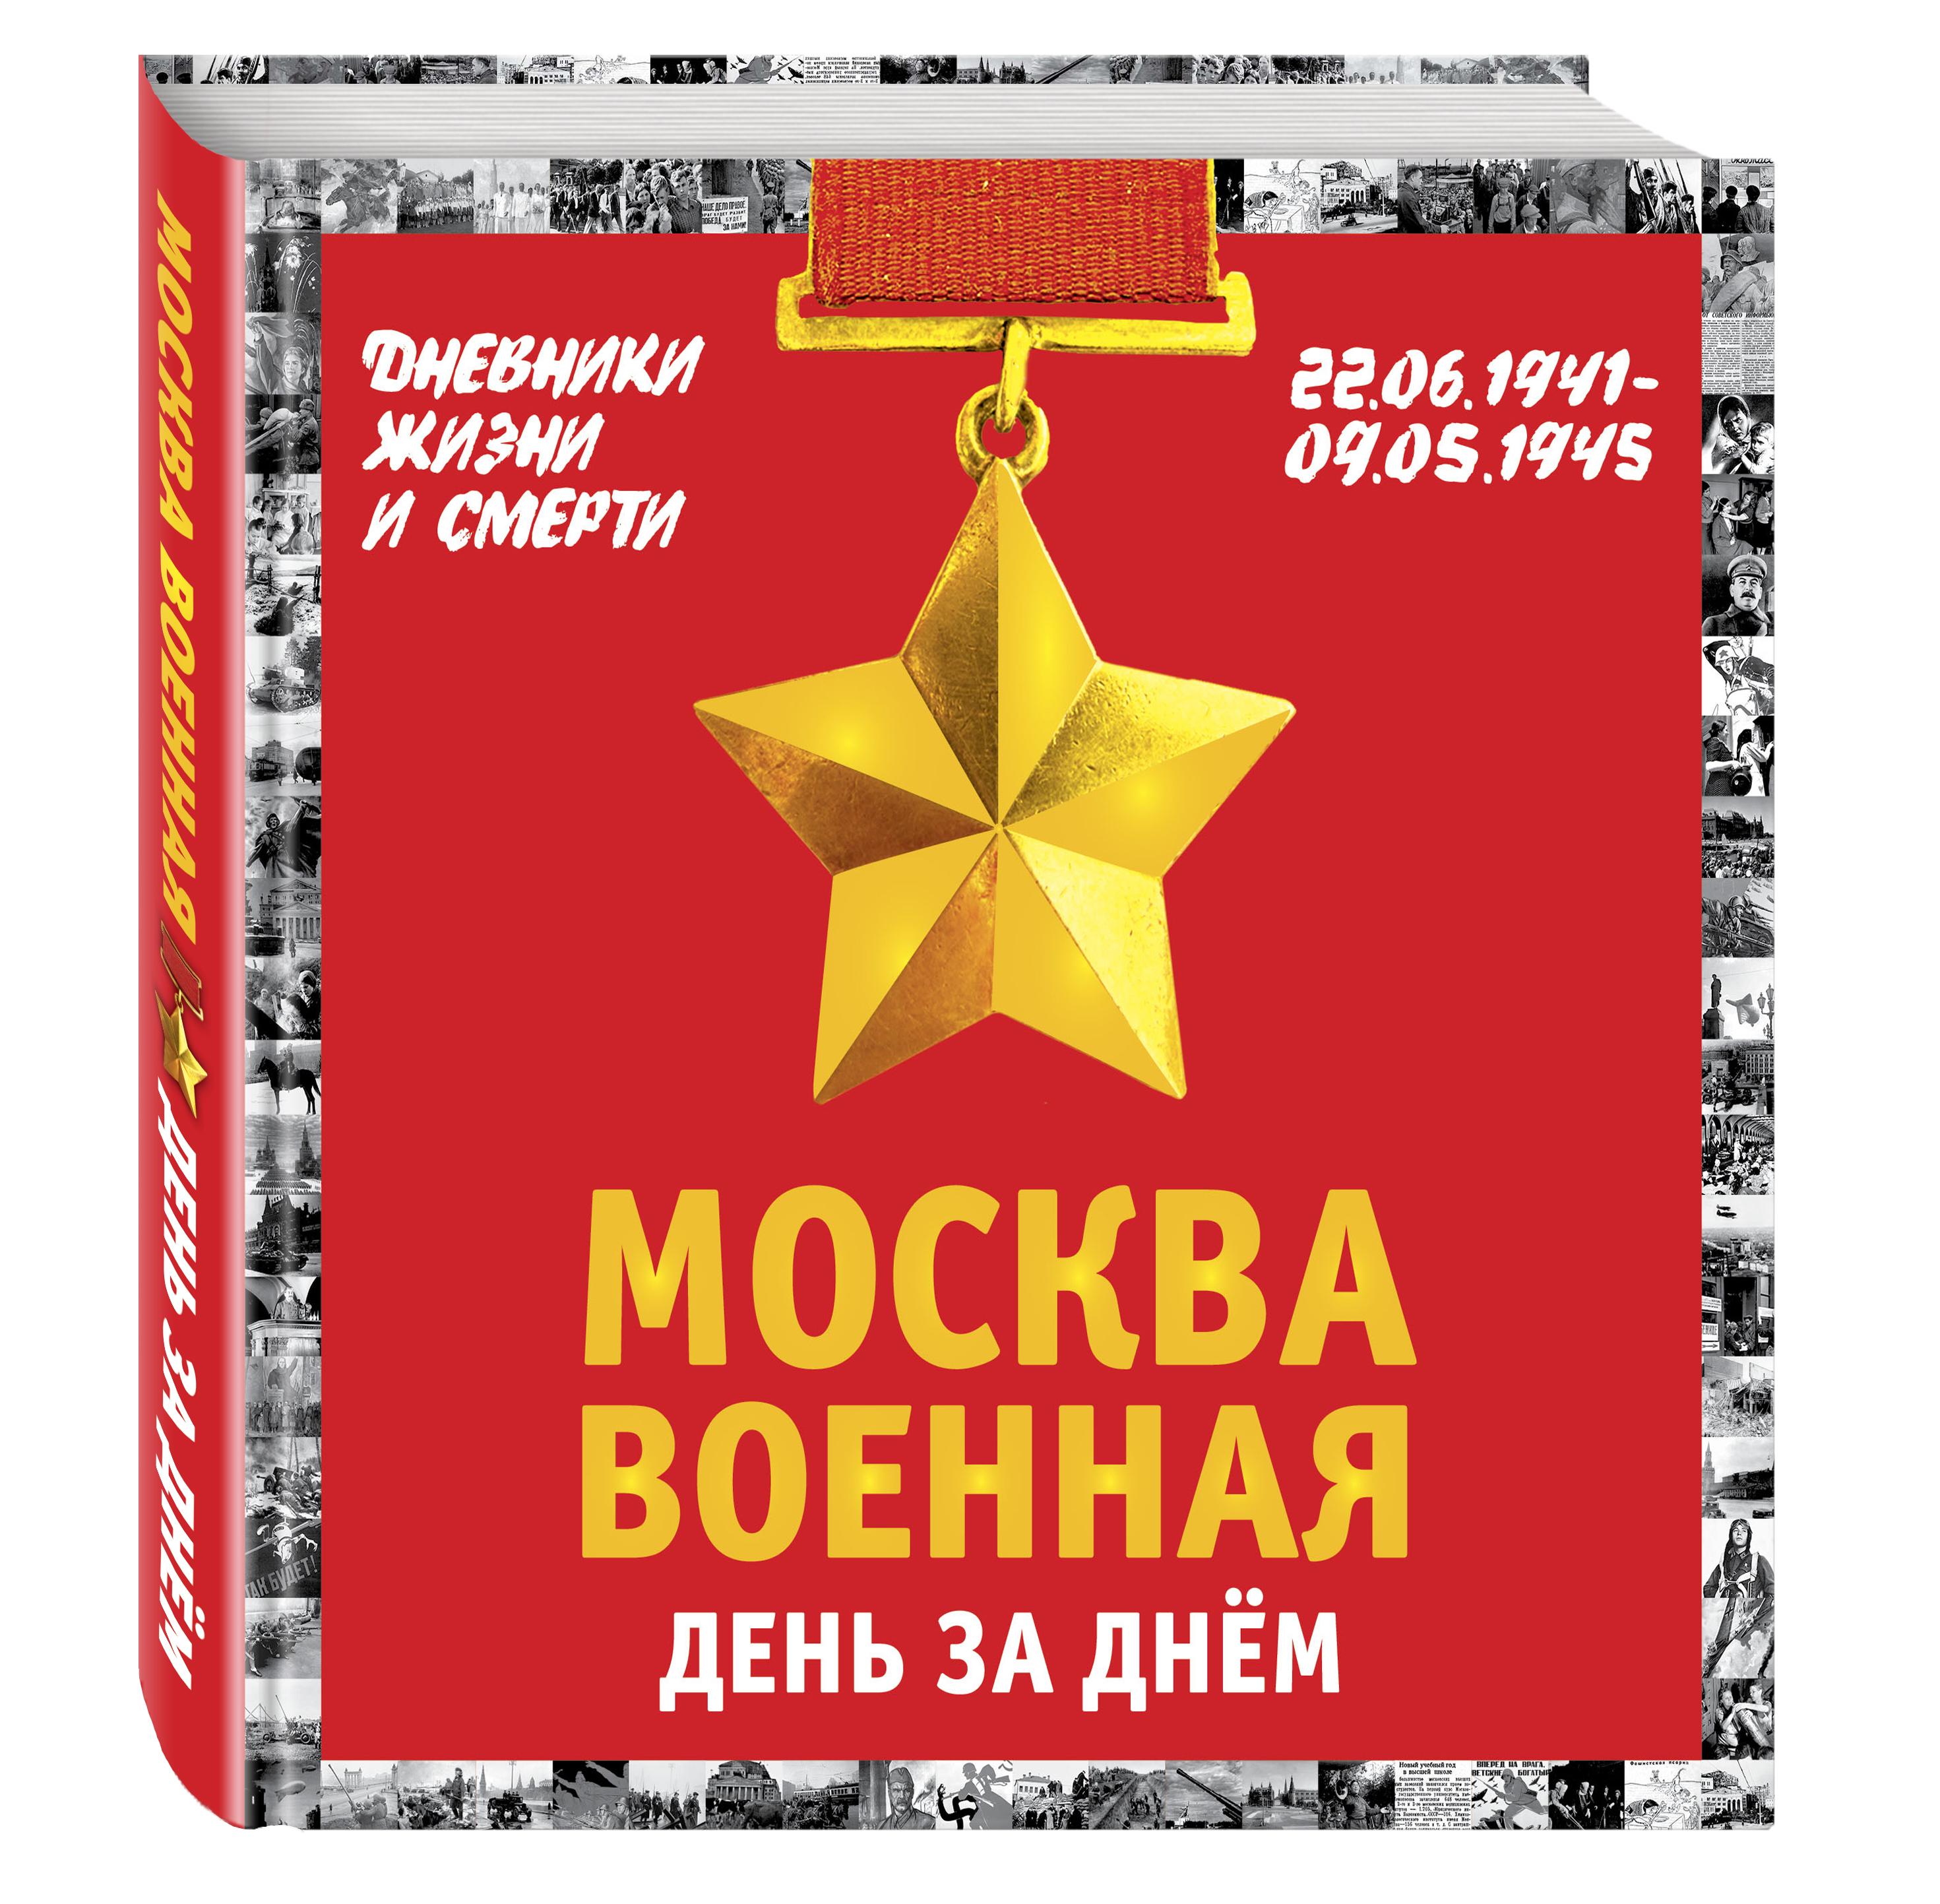 Вострышев М.И. Москва военная день за днем. Дневники жизни и смерти. 22 июня 1941— 9 мая 1945